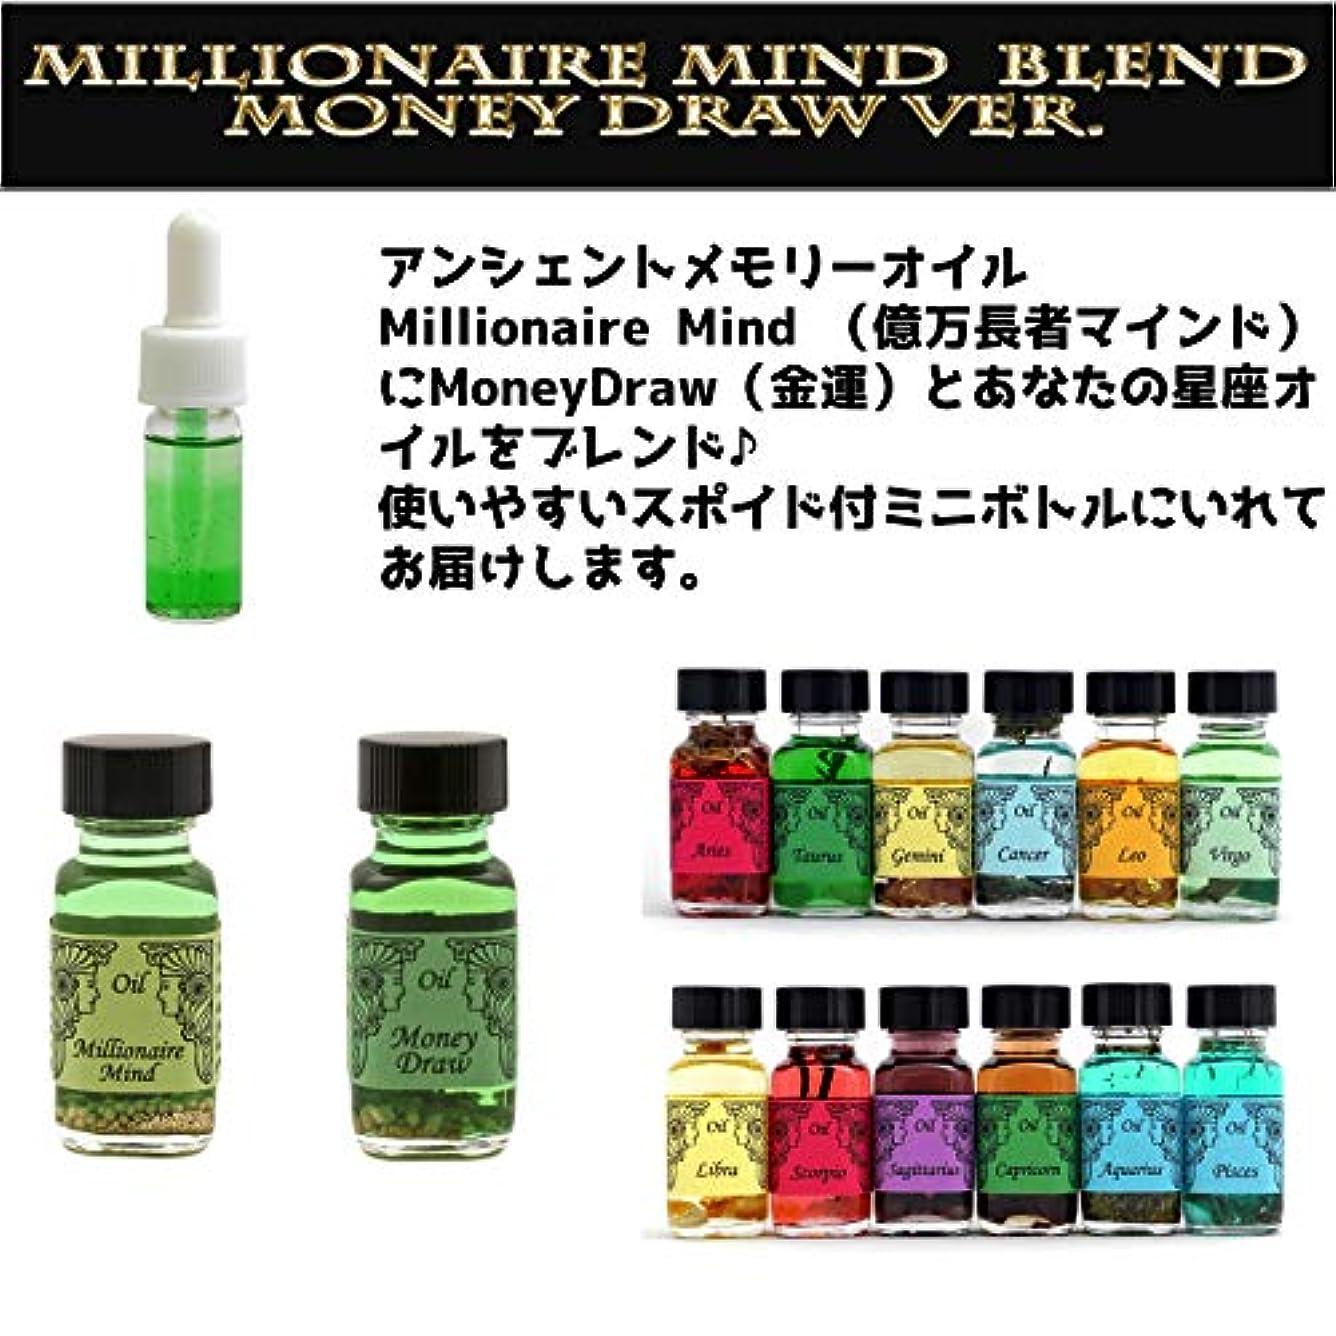 一時停止ペックミニチュアアンシェントメモリーオイル Millionaire Mind 億万長者マインド ブレンド(Money Drawマネードロー(金運)&しし座